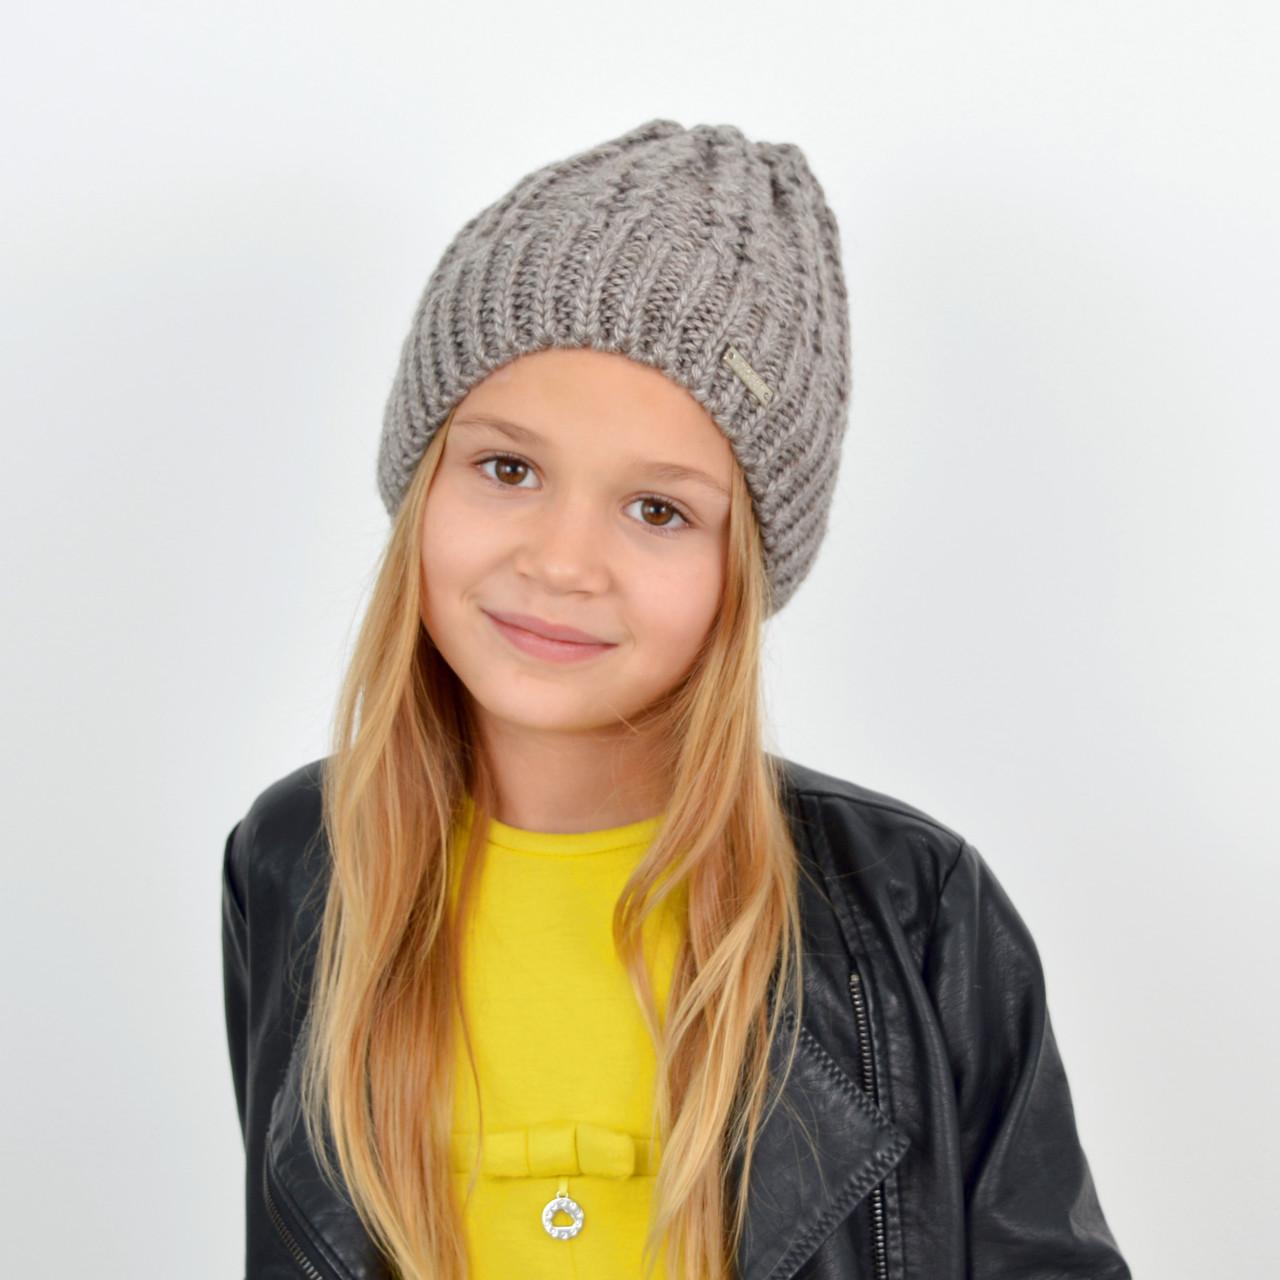 Детская вязаная шапка 3310 Капучино